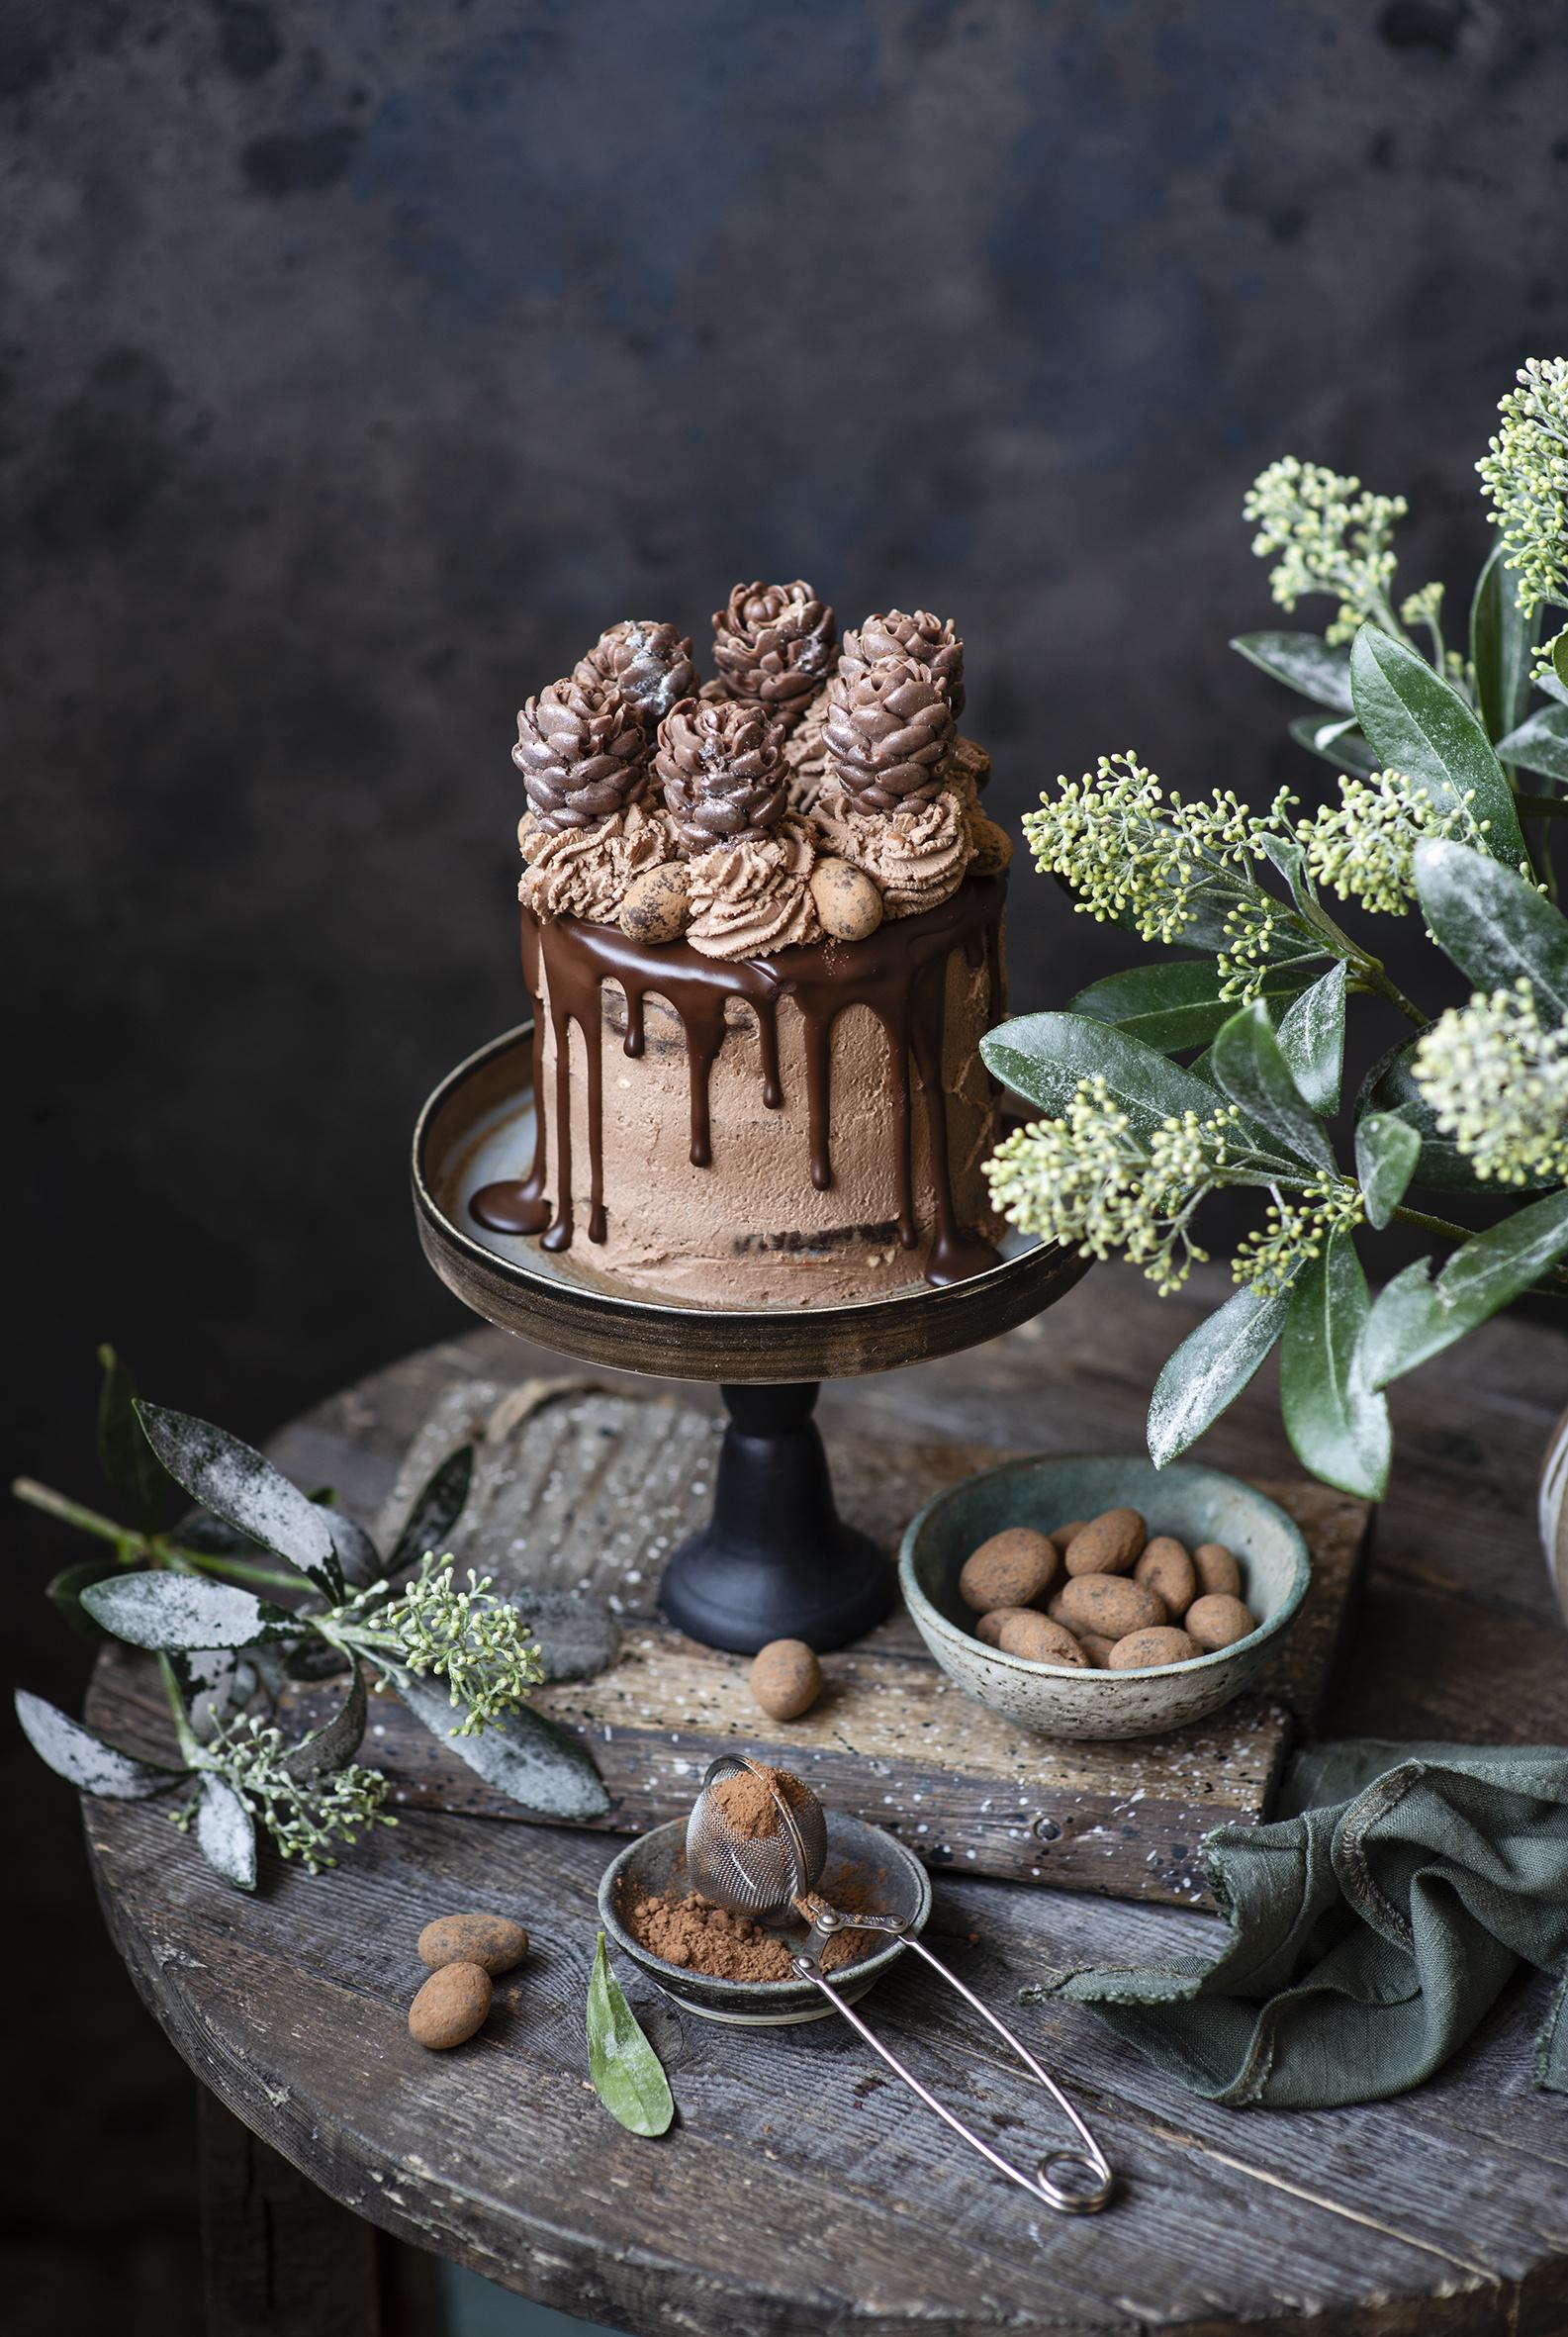 壁紙 ケーキ 菓子 チョコレート デザイン ココアパウダー 食品